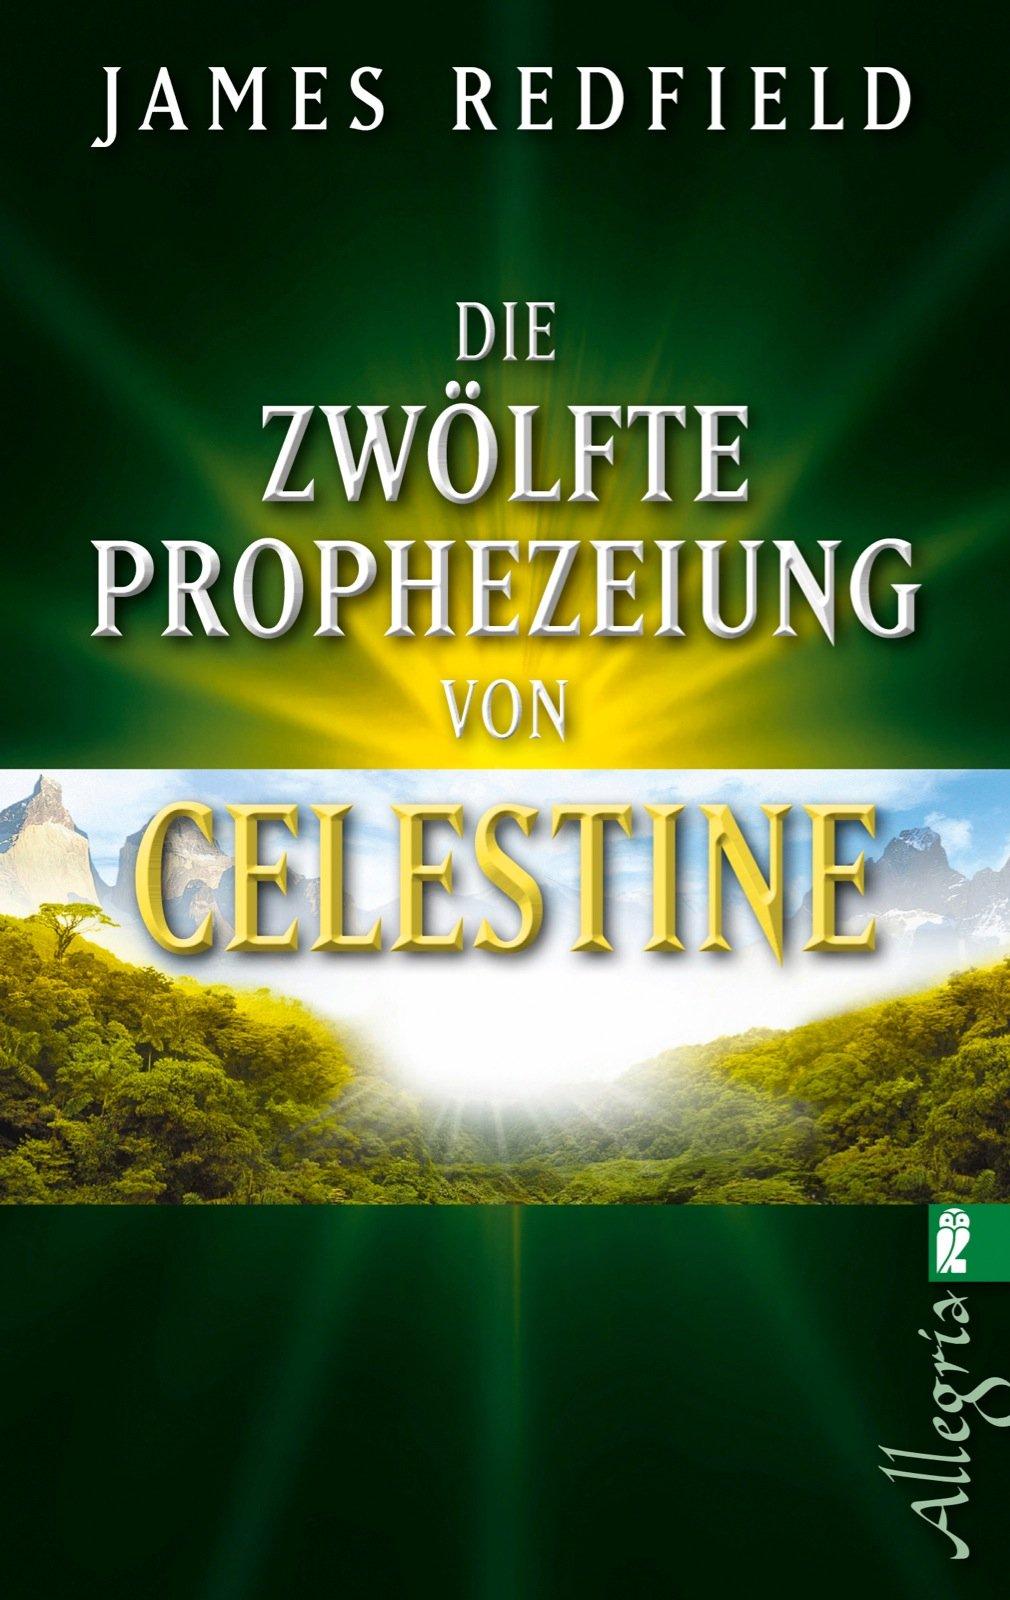 Die zwölfte Prophezeiung von Celestine: Jenseits von 2012 (Die Prophezeiungen von Celestine, Band 4) Taschenbuch – 9. November 2012 James Redfield Allegria Taschenbuch 3548745784 BODY